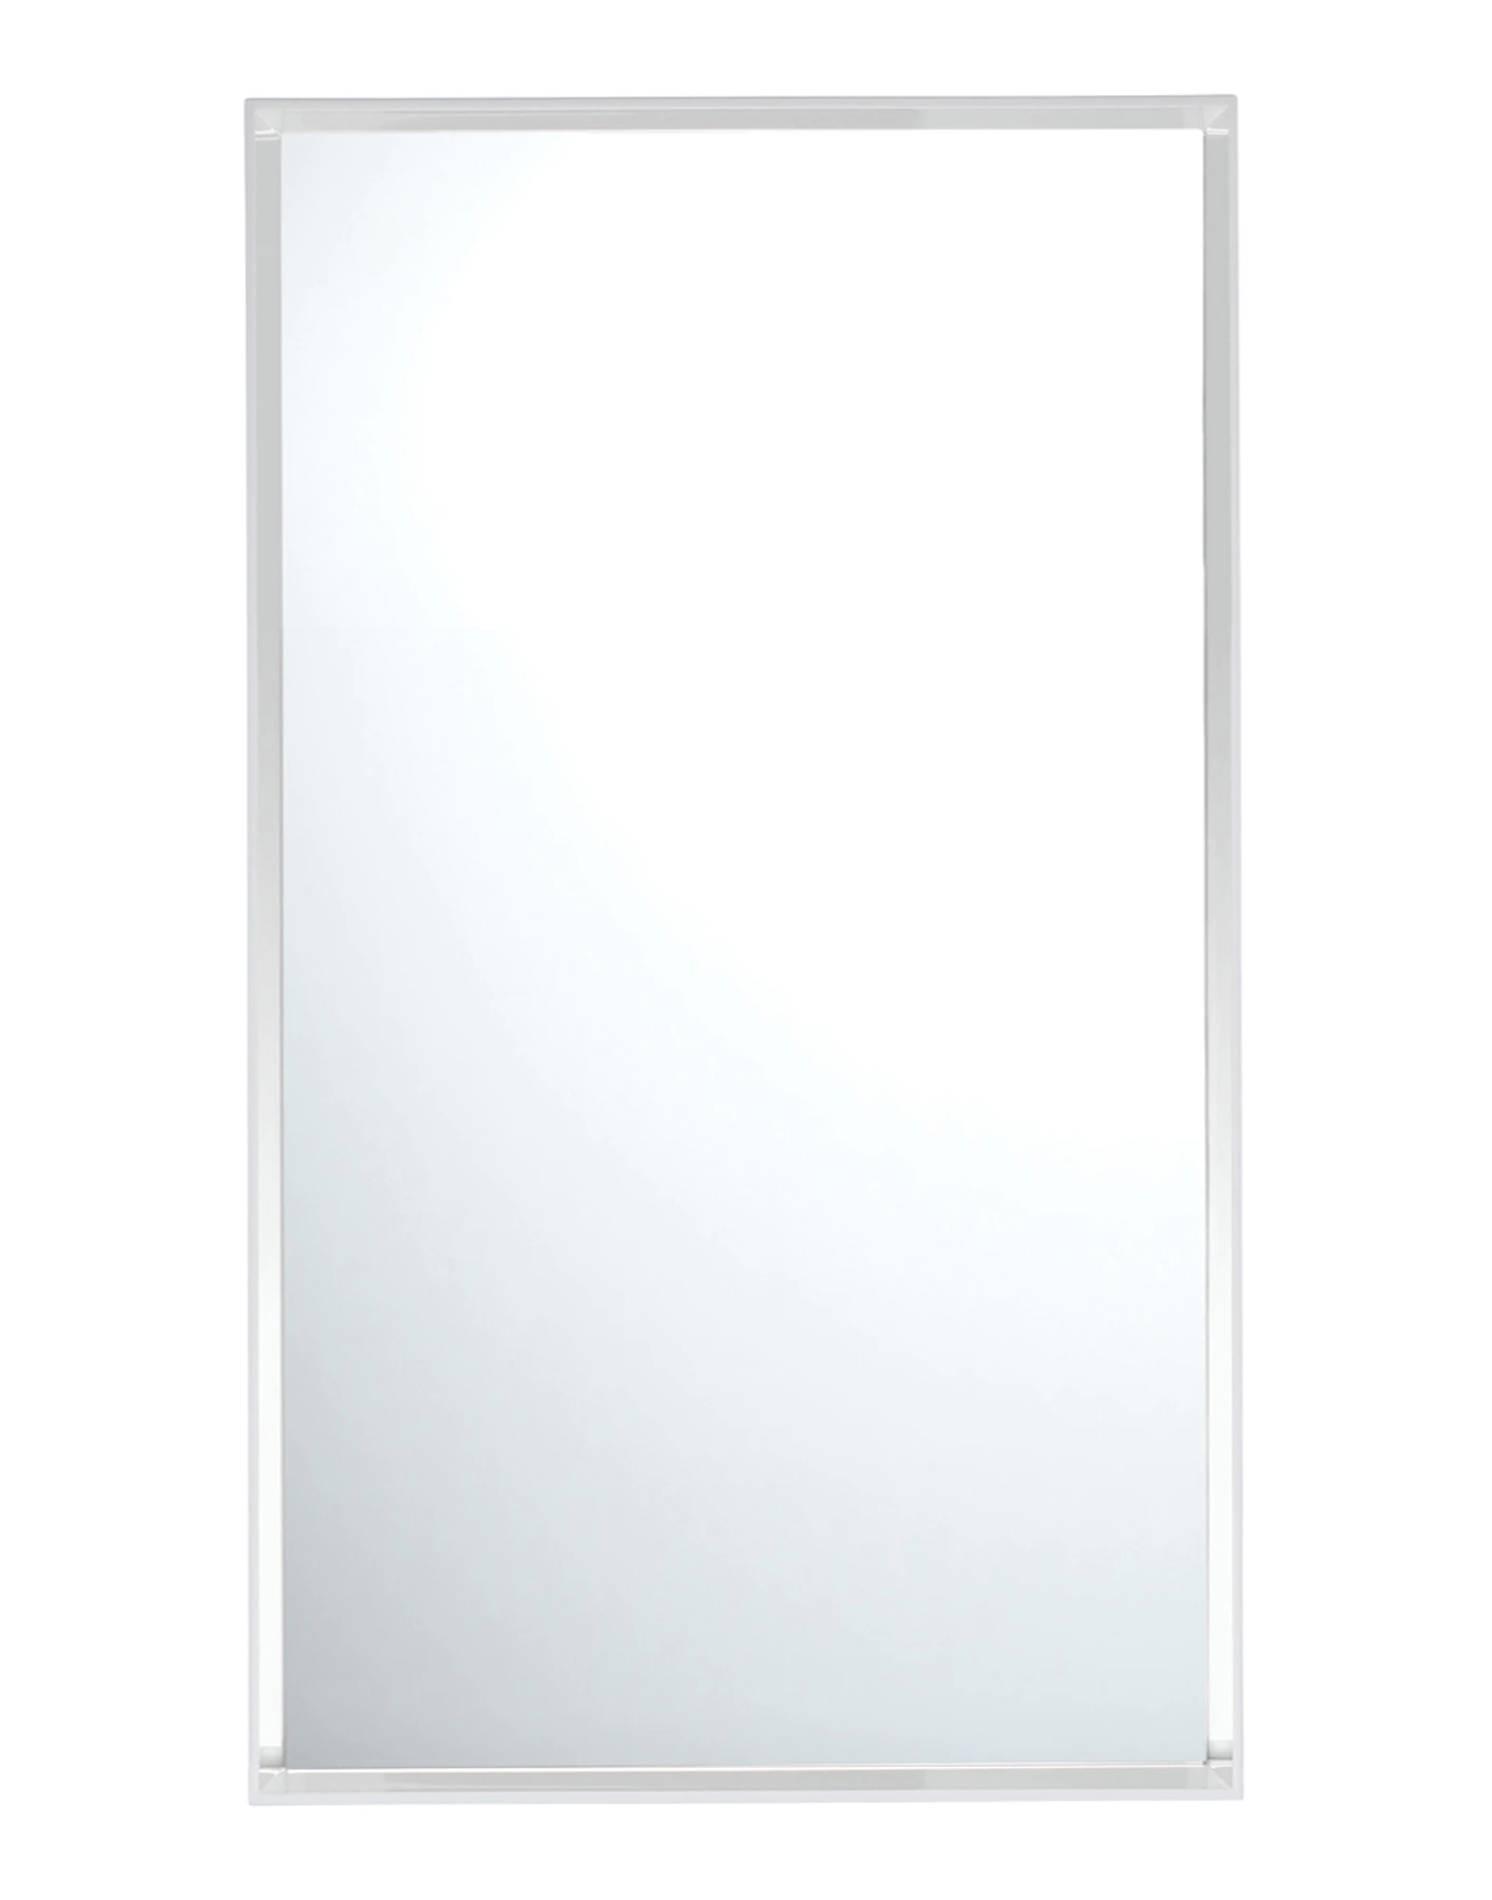 Only Me Spiegel 80 x 180 cm, weiß